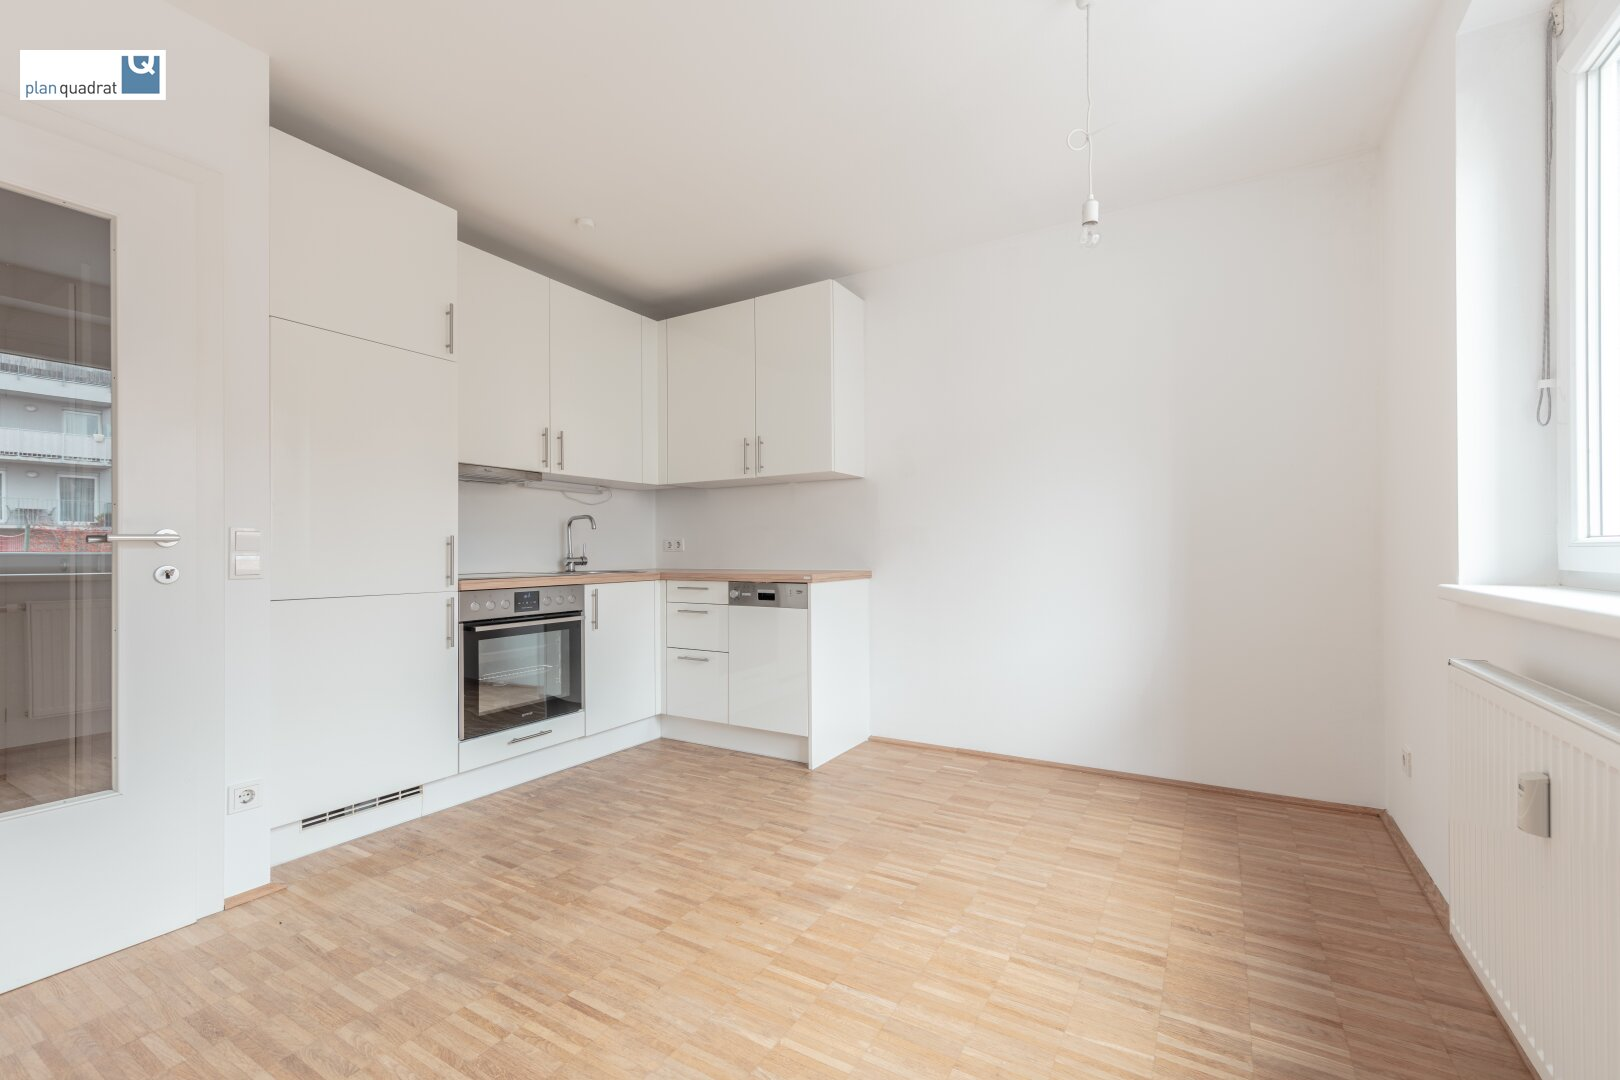 Wohn- / Esszimmer mit Küchenzeile (ca. 12,60 m²)